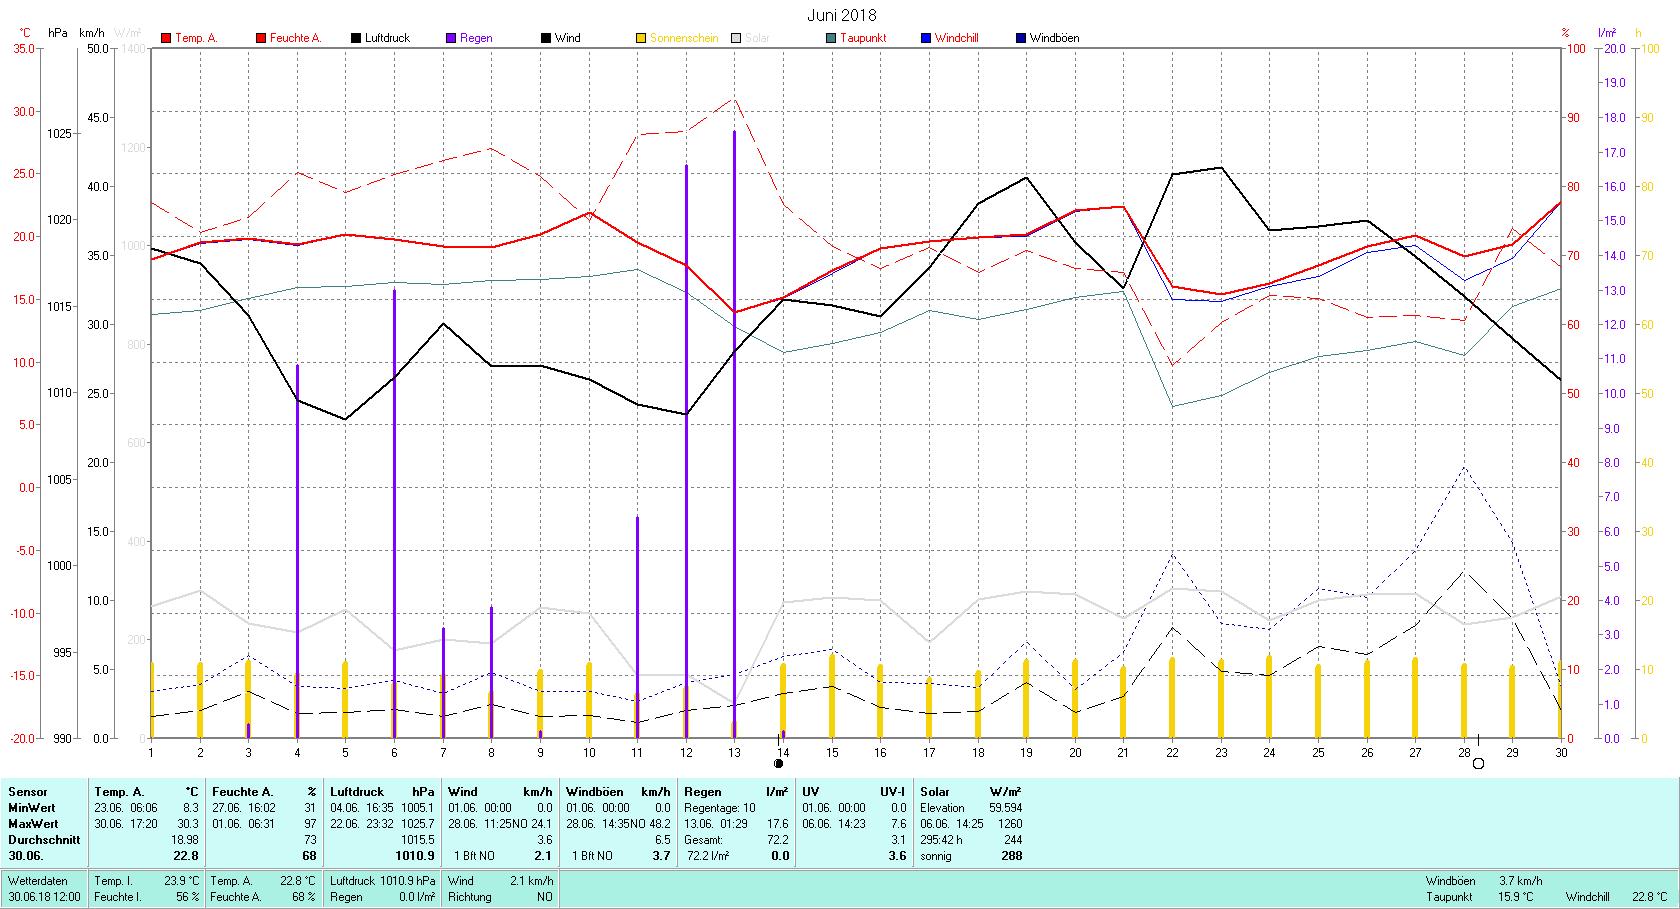 Juni 2018 Tmin 8.3°C, Tmax 30.3°C, Sonne 295:42 h, Niederschlag 72.2mm/2